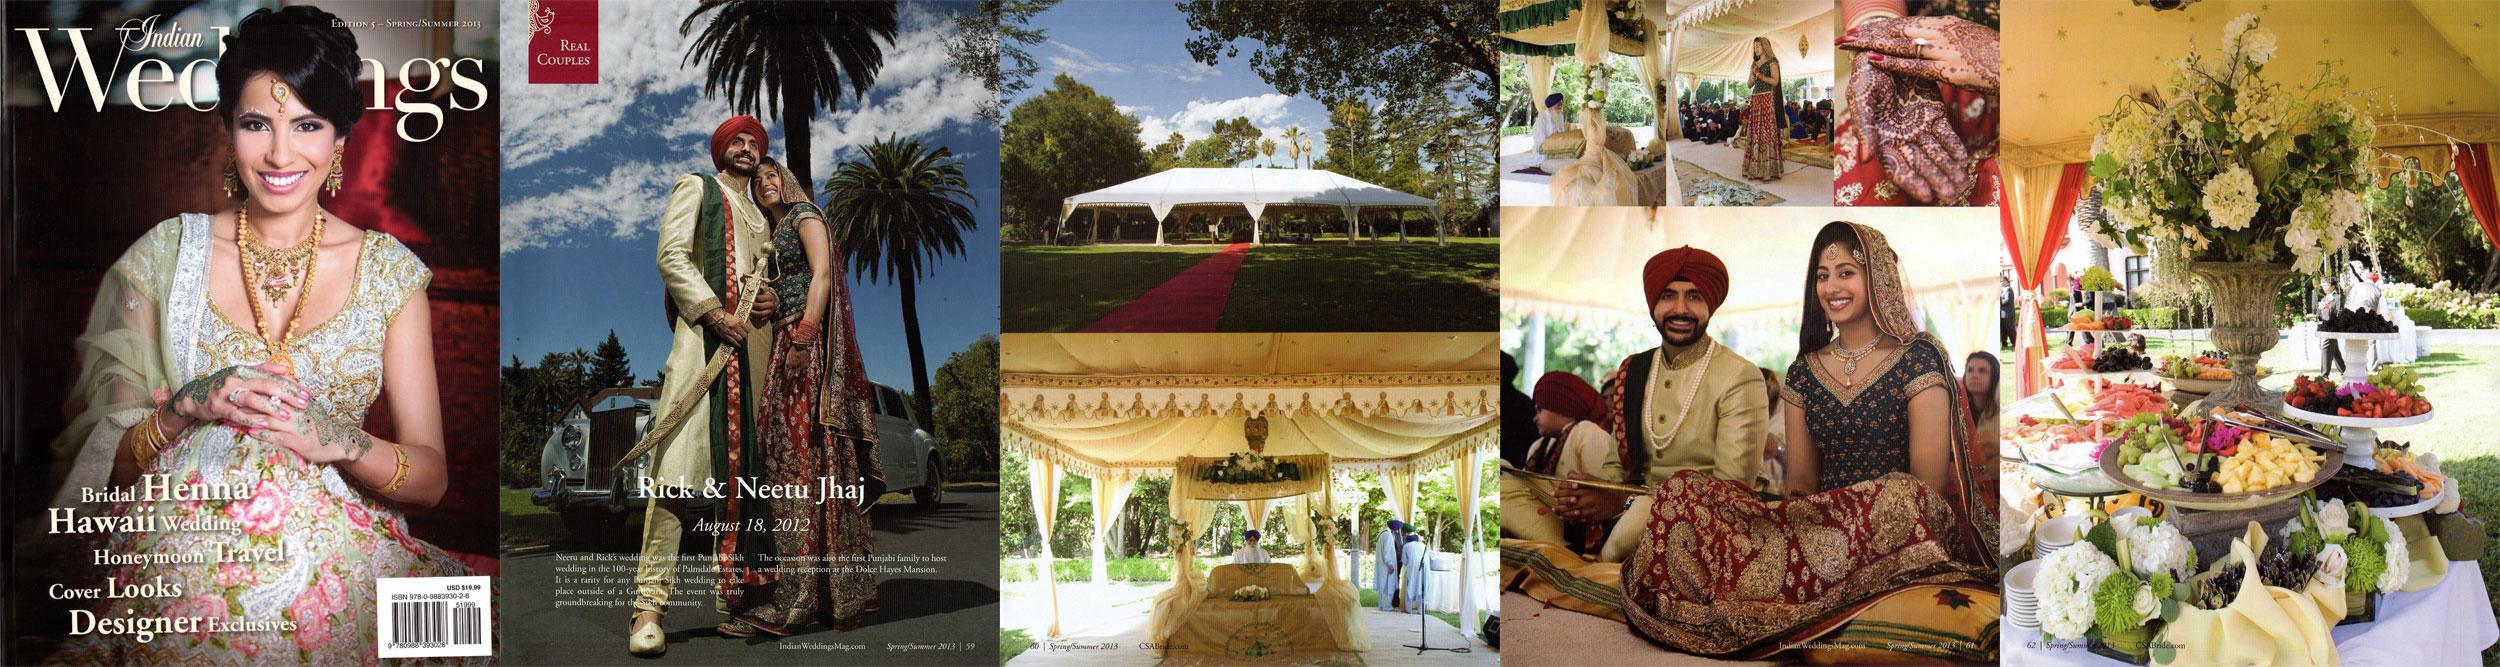 raj-tents-indian-weddings-real-weddings-2013.jpg